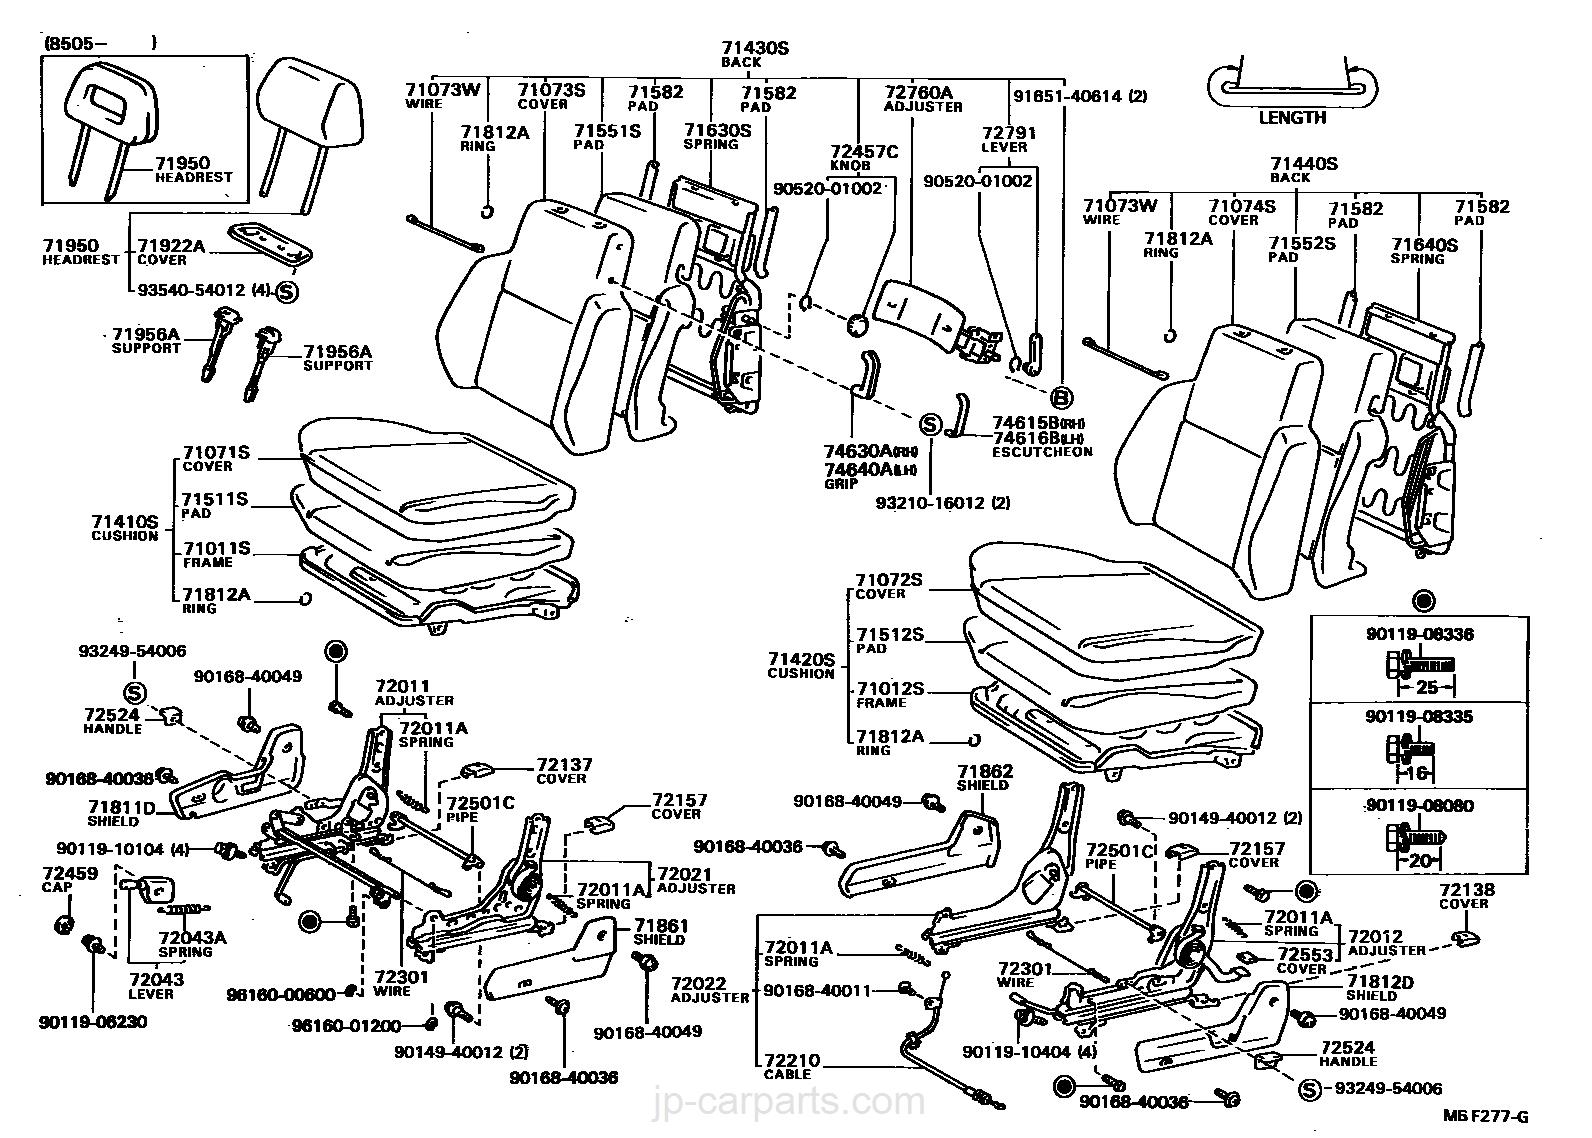 FRONT SEAT & SEAT TRACK / toyota | part list|JP-CarParts.com on fxr transmission diagram, fxr turn signals, fxr ford, fxr oil cooler, 2003 fxdl harley-davidson starter diagram,